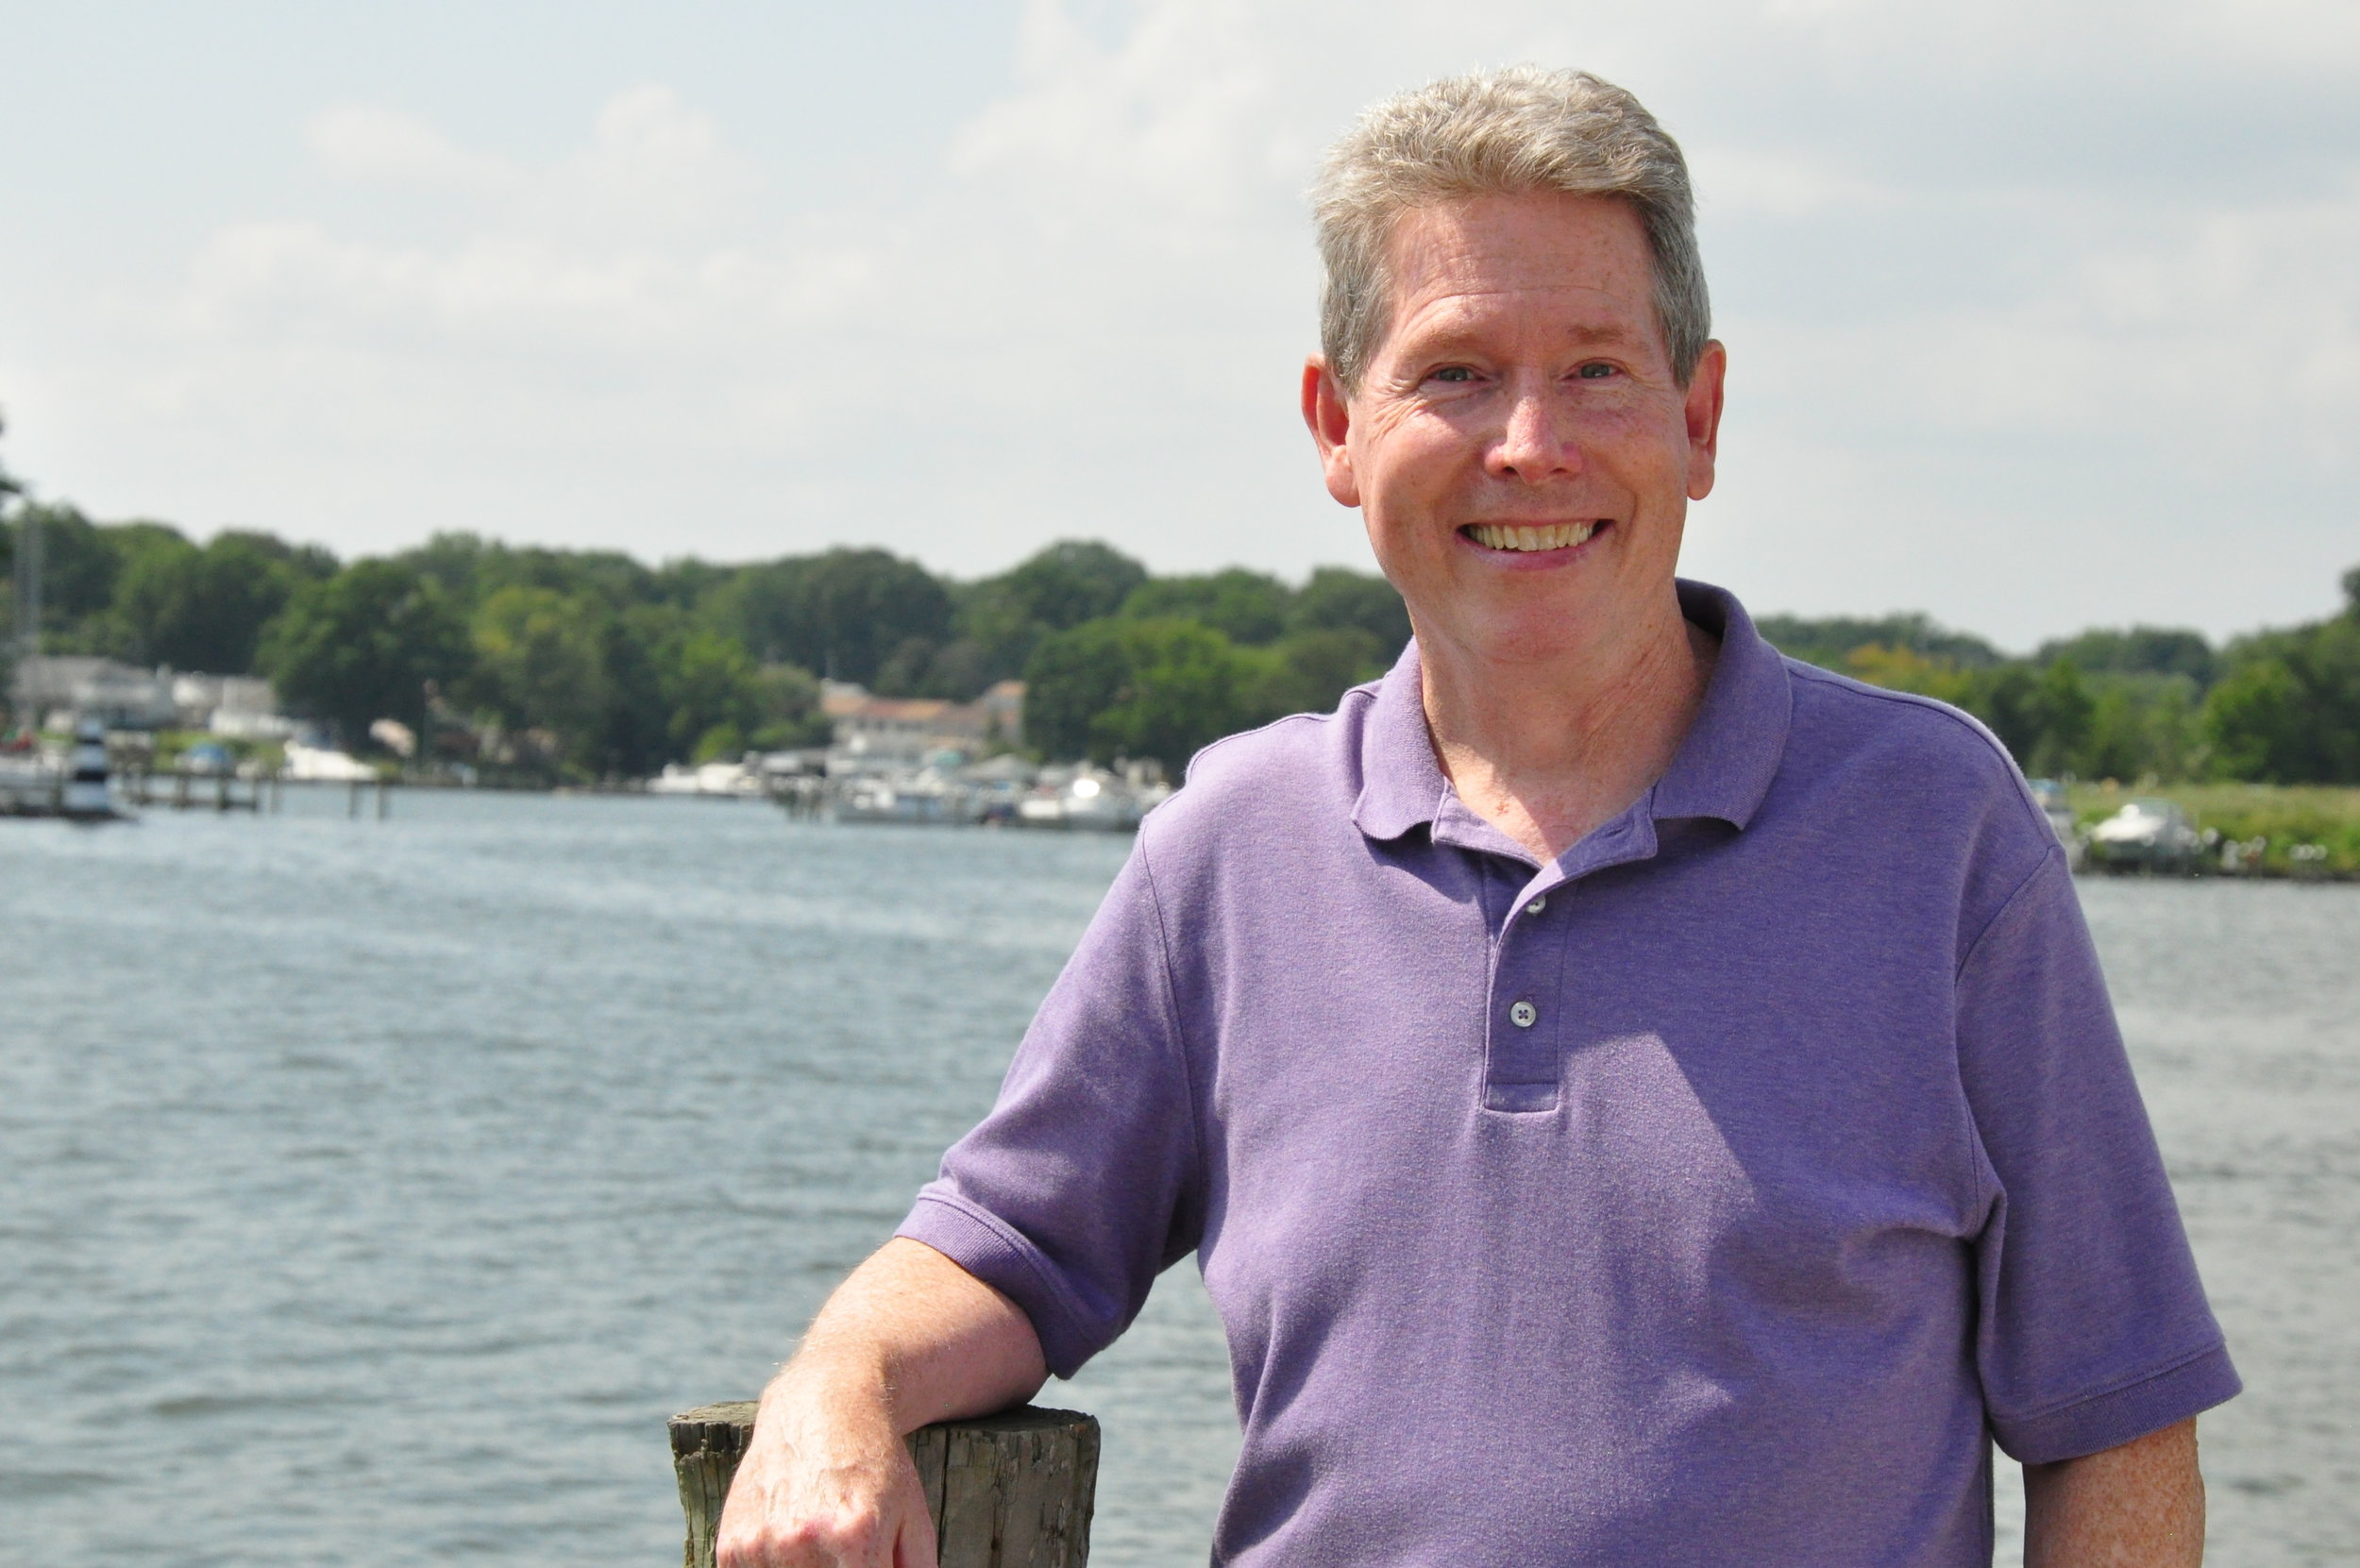 Chef John Shields, Owner